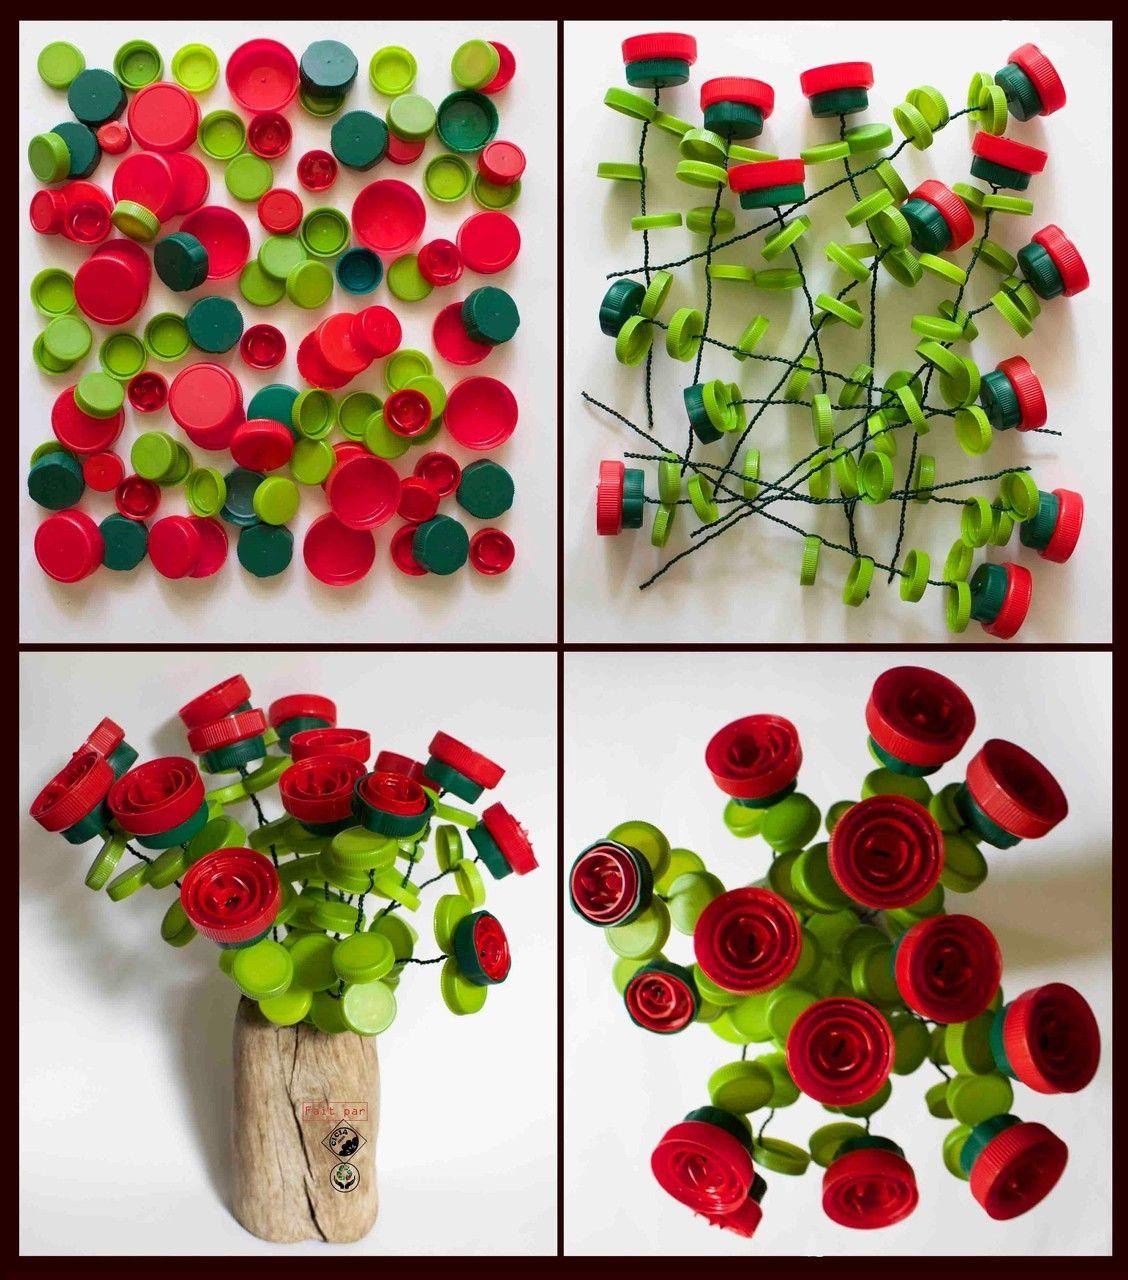 recyclage artistique d 39 objets en plastique performance artistique bouchons plastique cicia. Black Bedroom Furniture Sets. Home Design Ideas